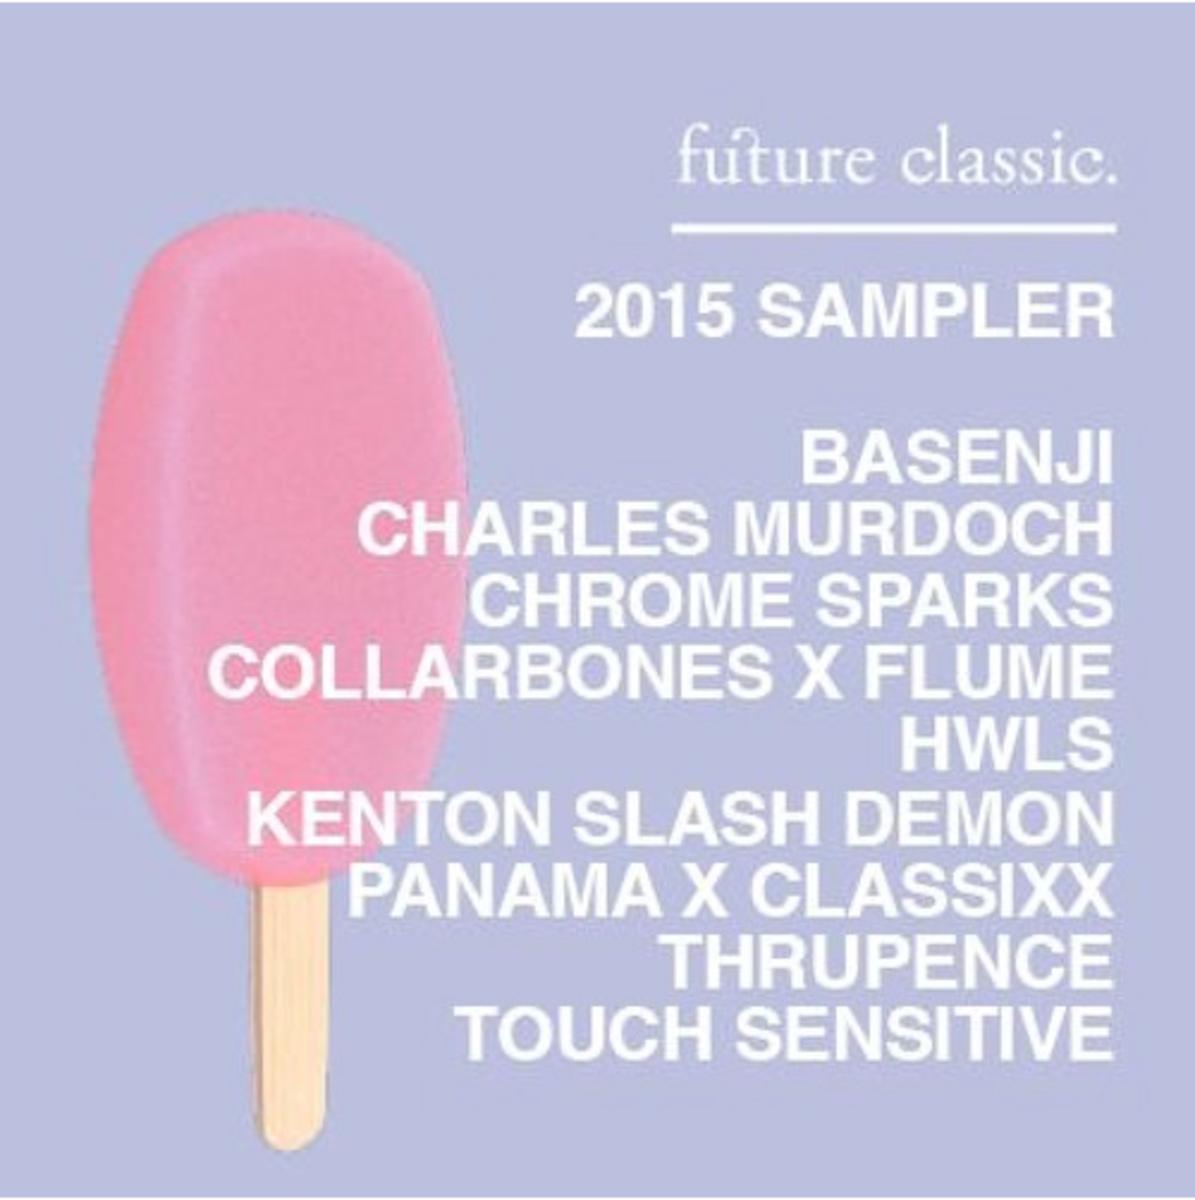 Future Classic Sampler 2015